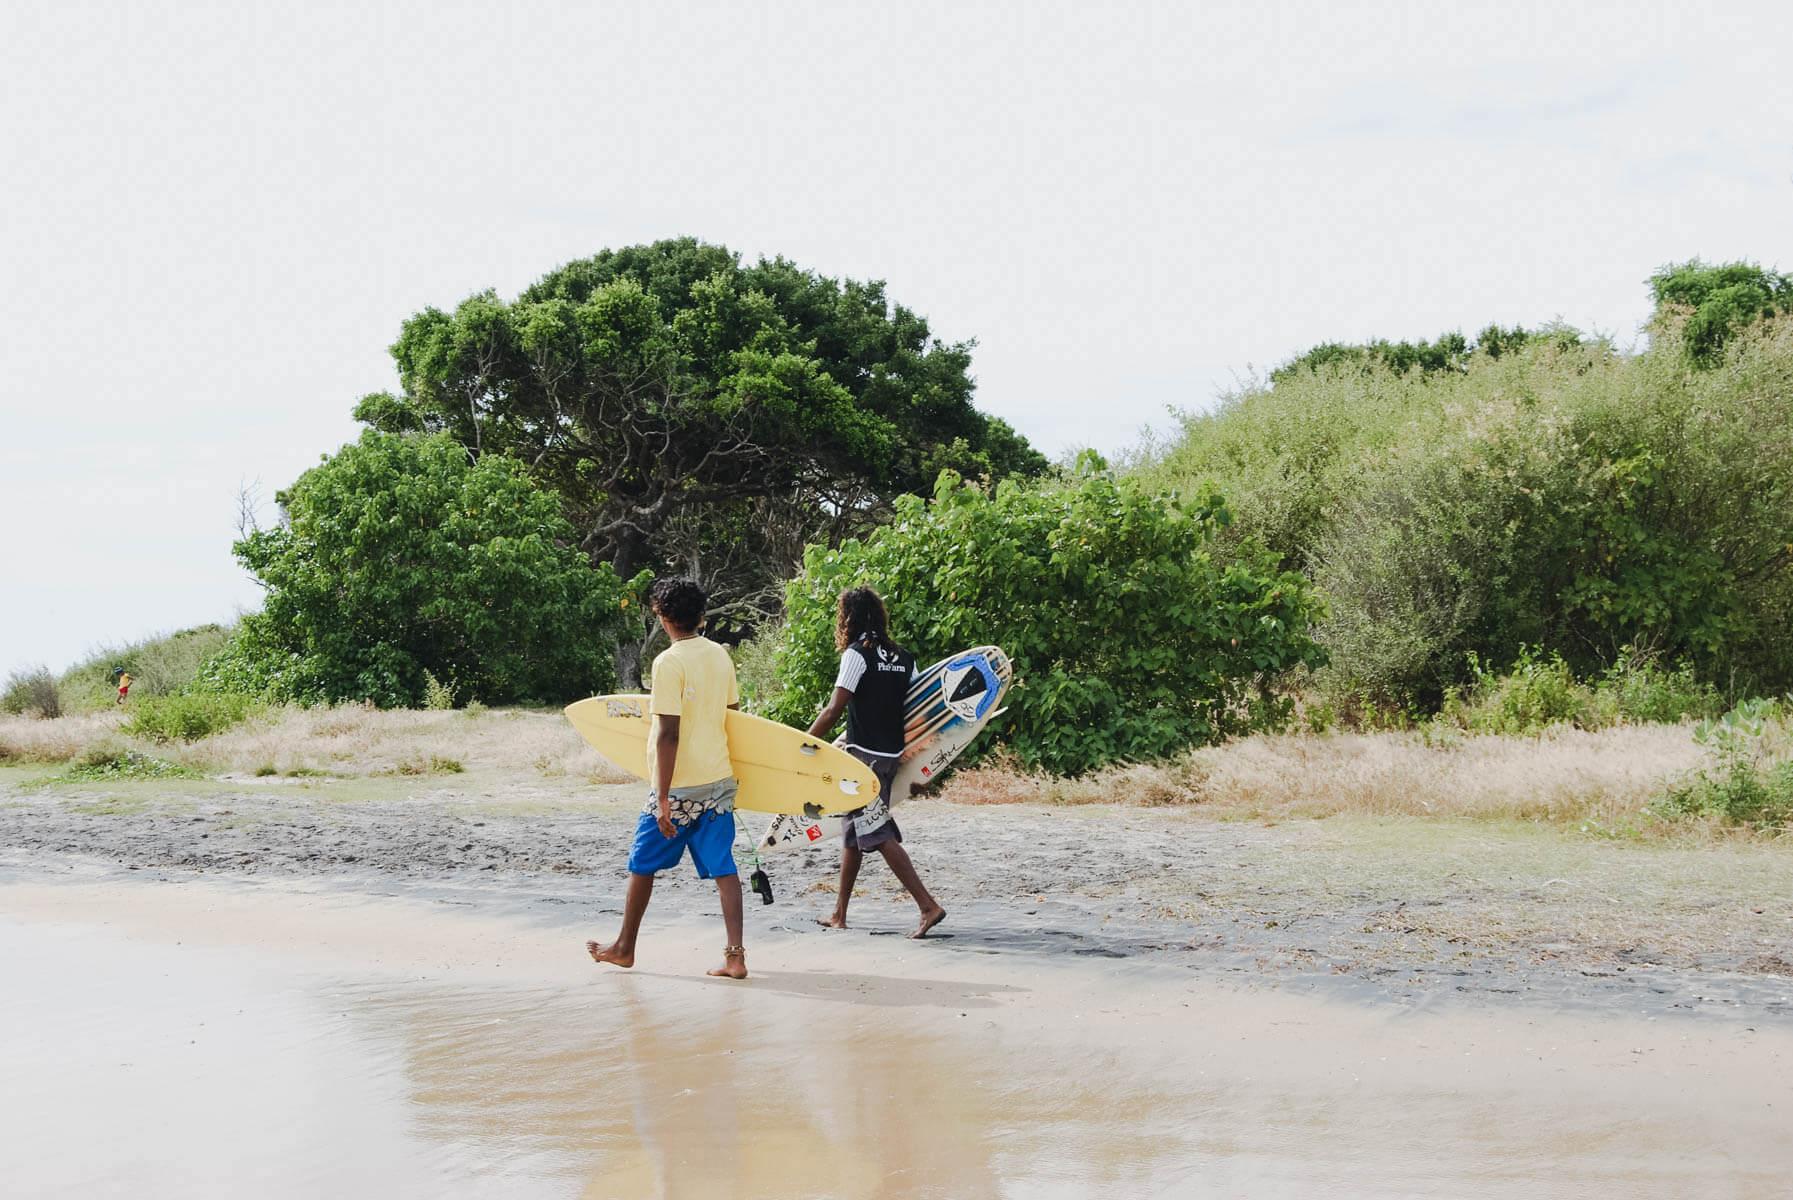 Zwei Surfer laufen über den Strand in Arugam Bay Sri Lanka